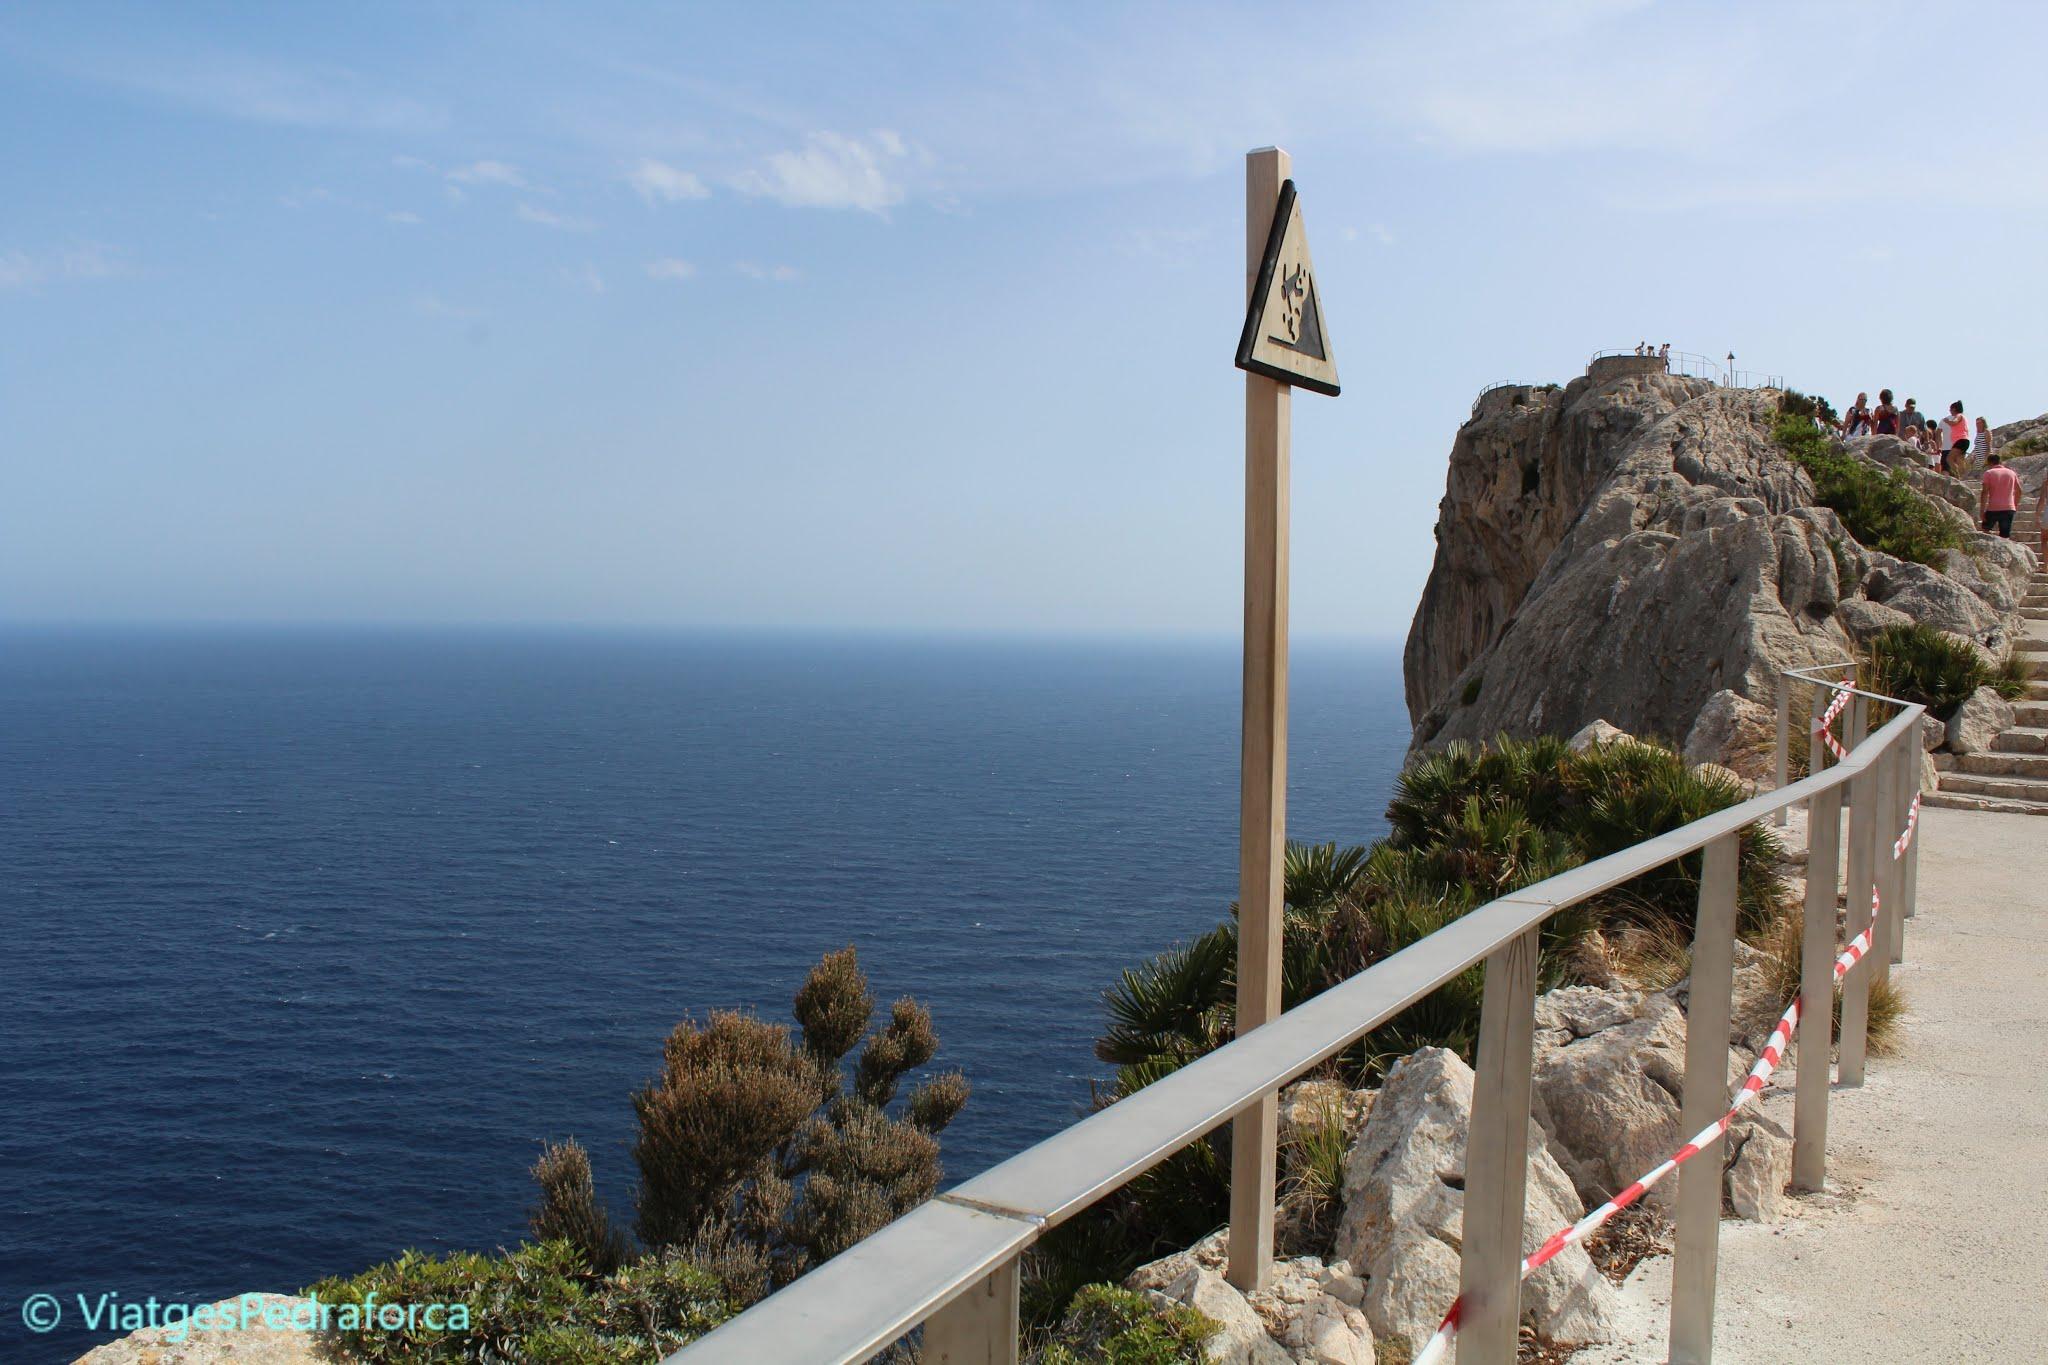 Mallorca, Península de Formentor, Illes Balears, Països Catalans